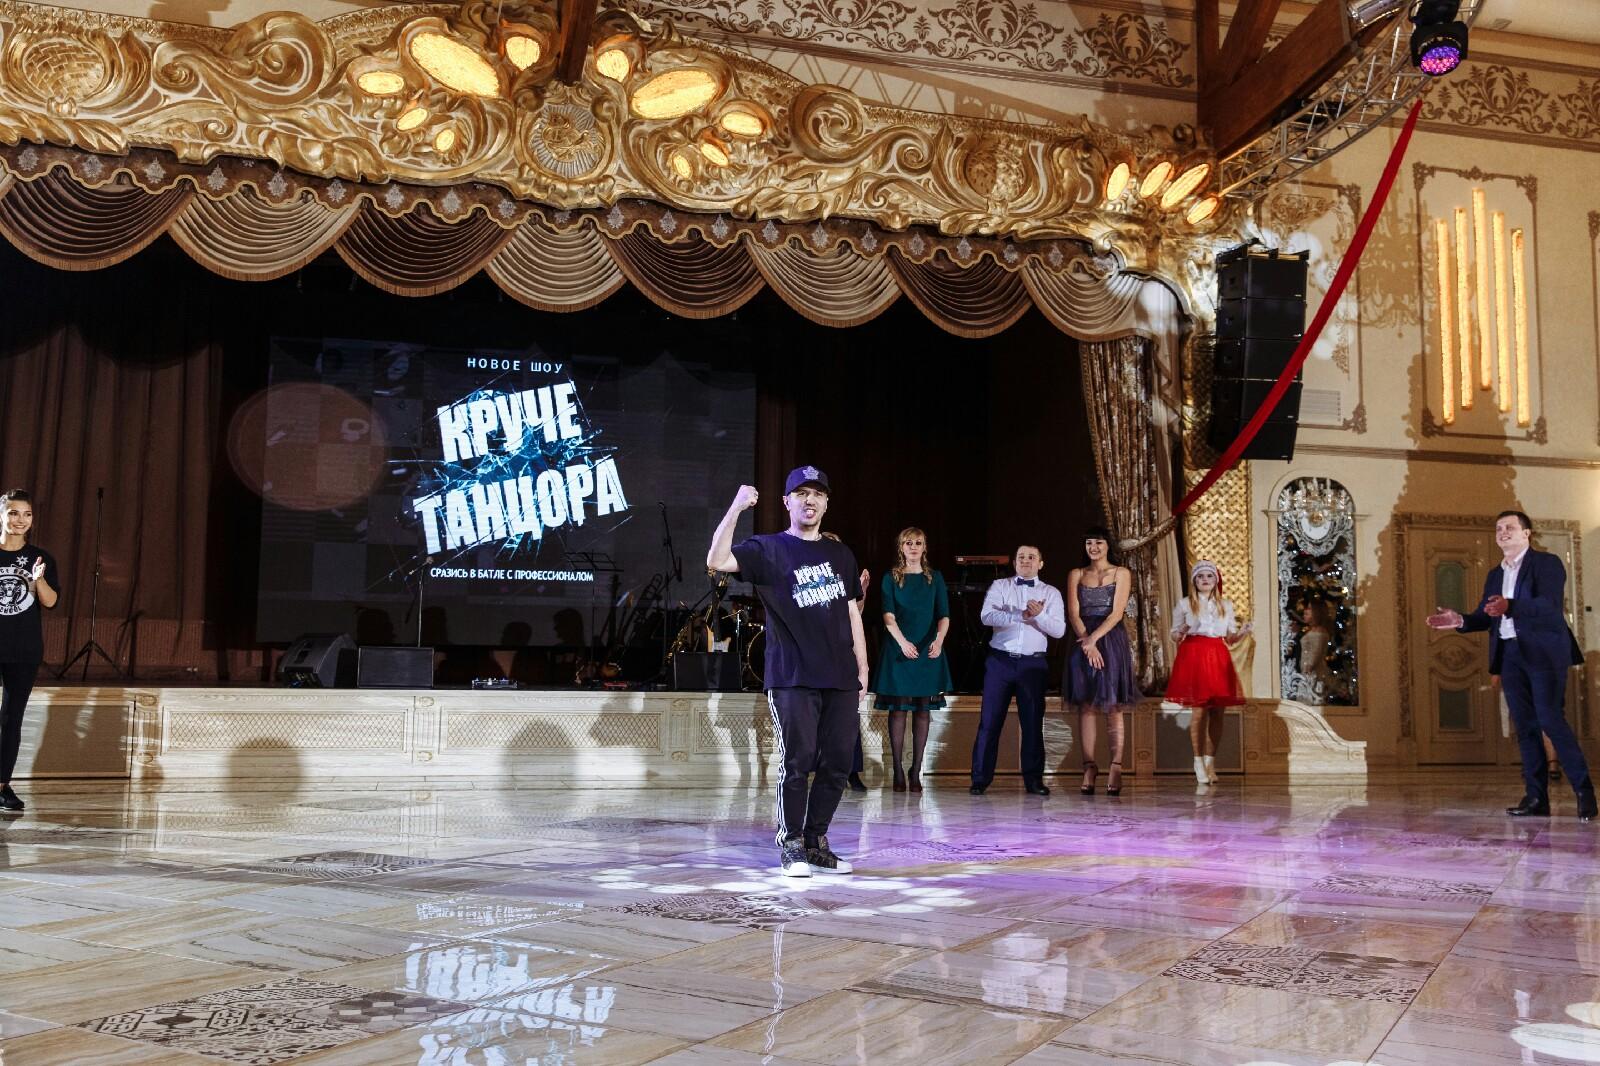 Круче танцора в Челябинске